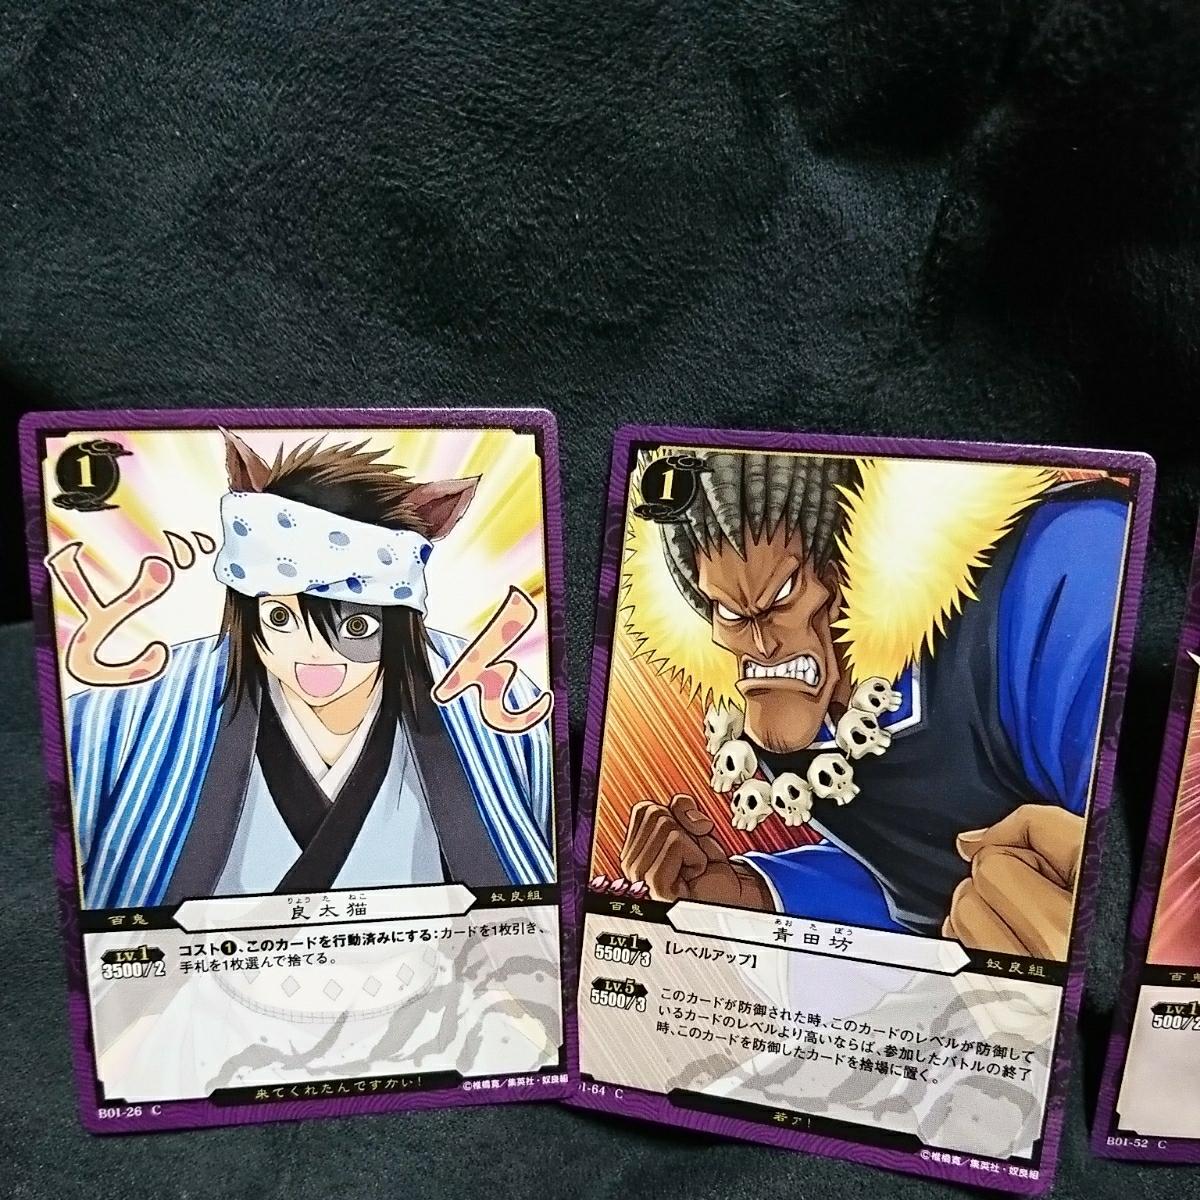 ぬらりひょんの孫 TCG トレーディングカードゲーム 3枚 良太猫、青田坊、針女_画像3